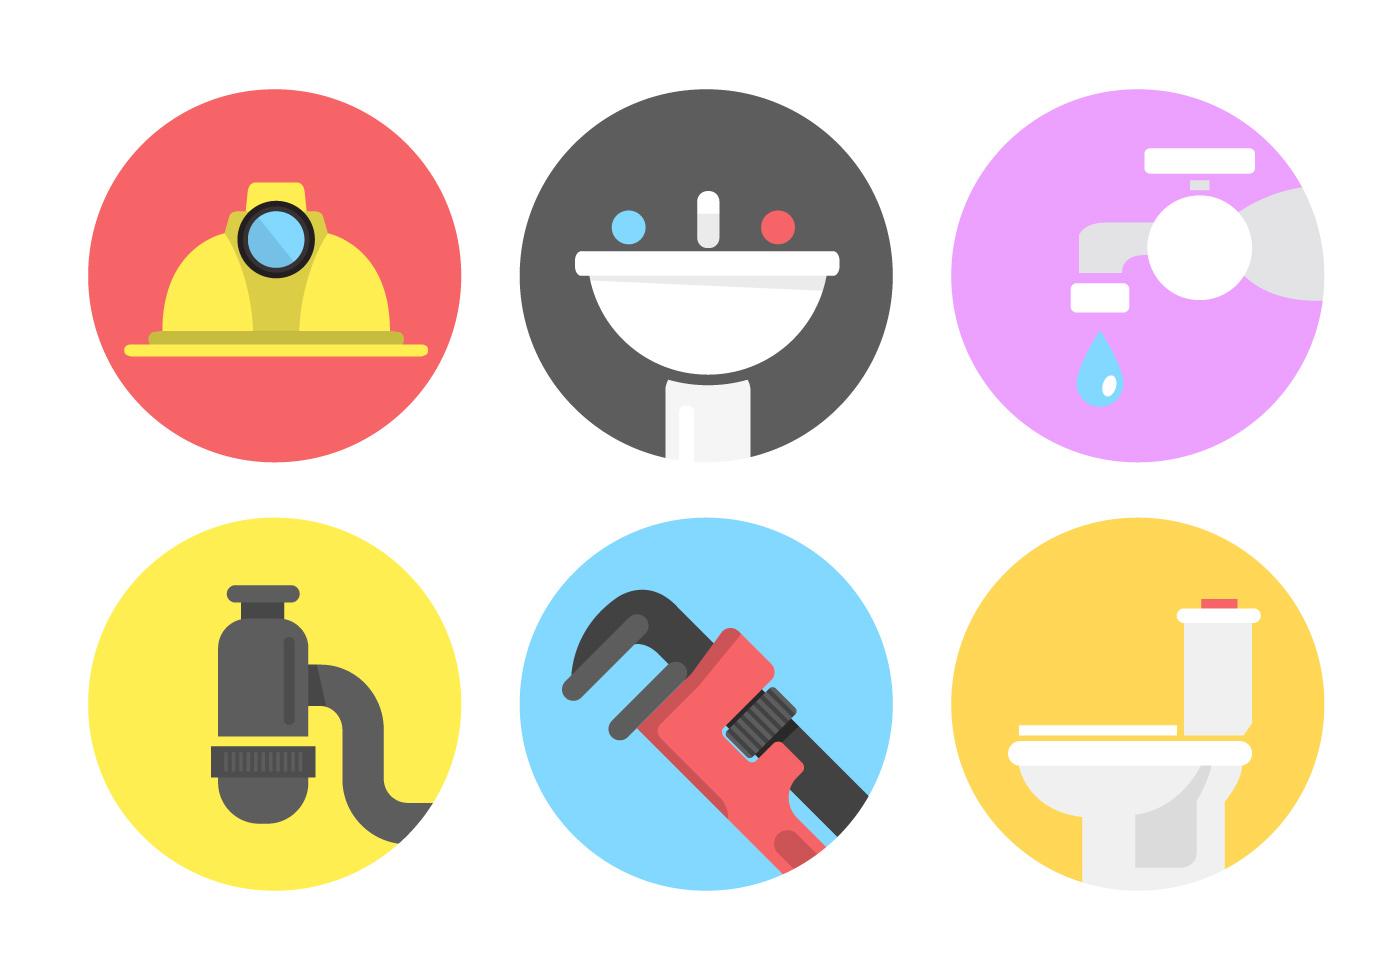 Plumbing Vector Icons Download Free Vector Art Stock